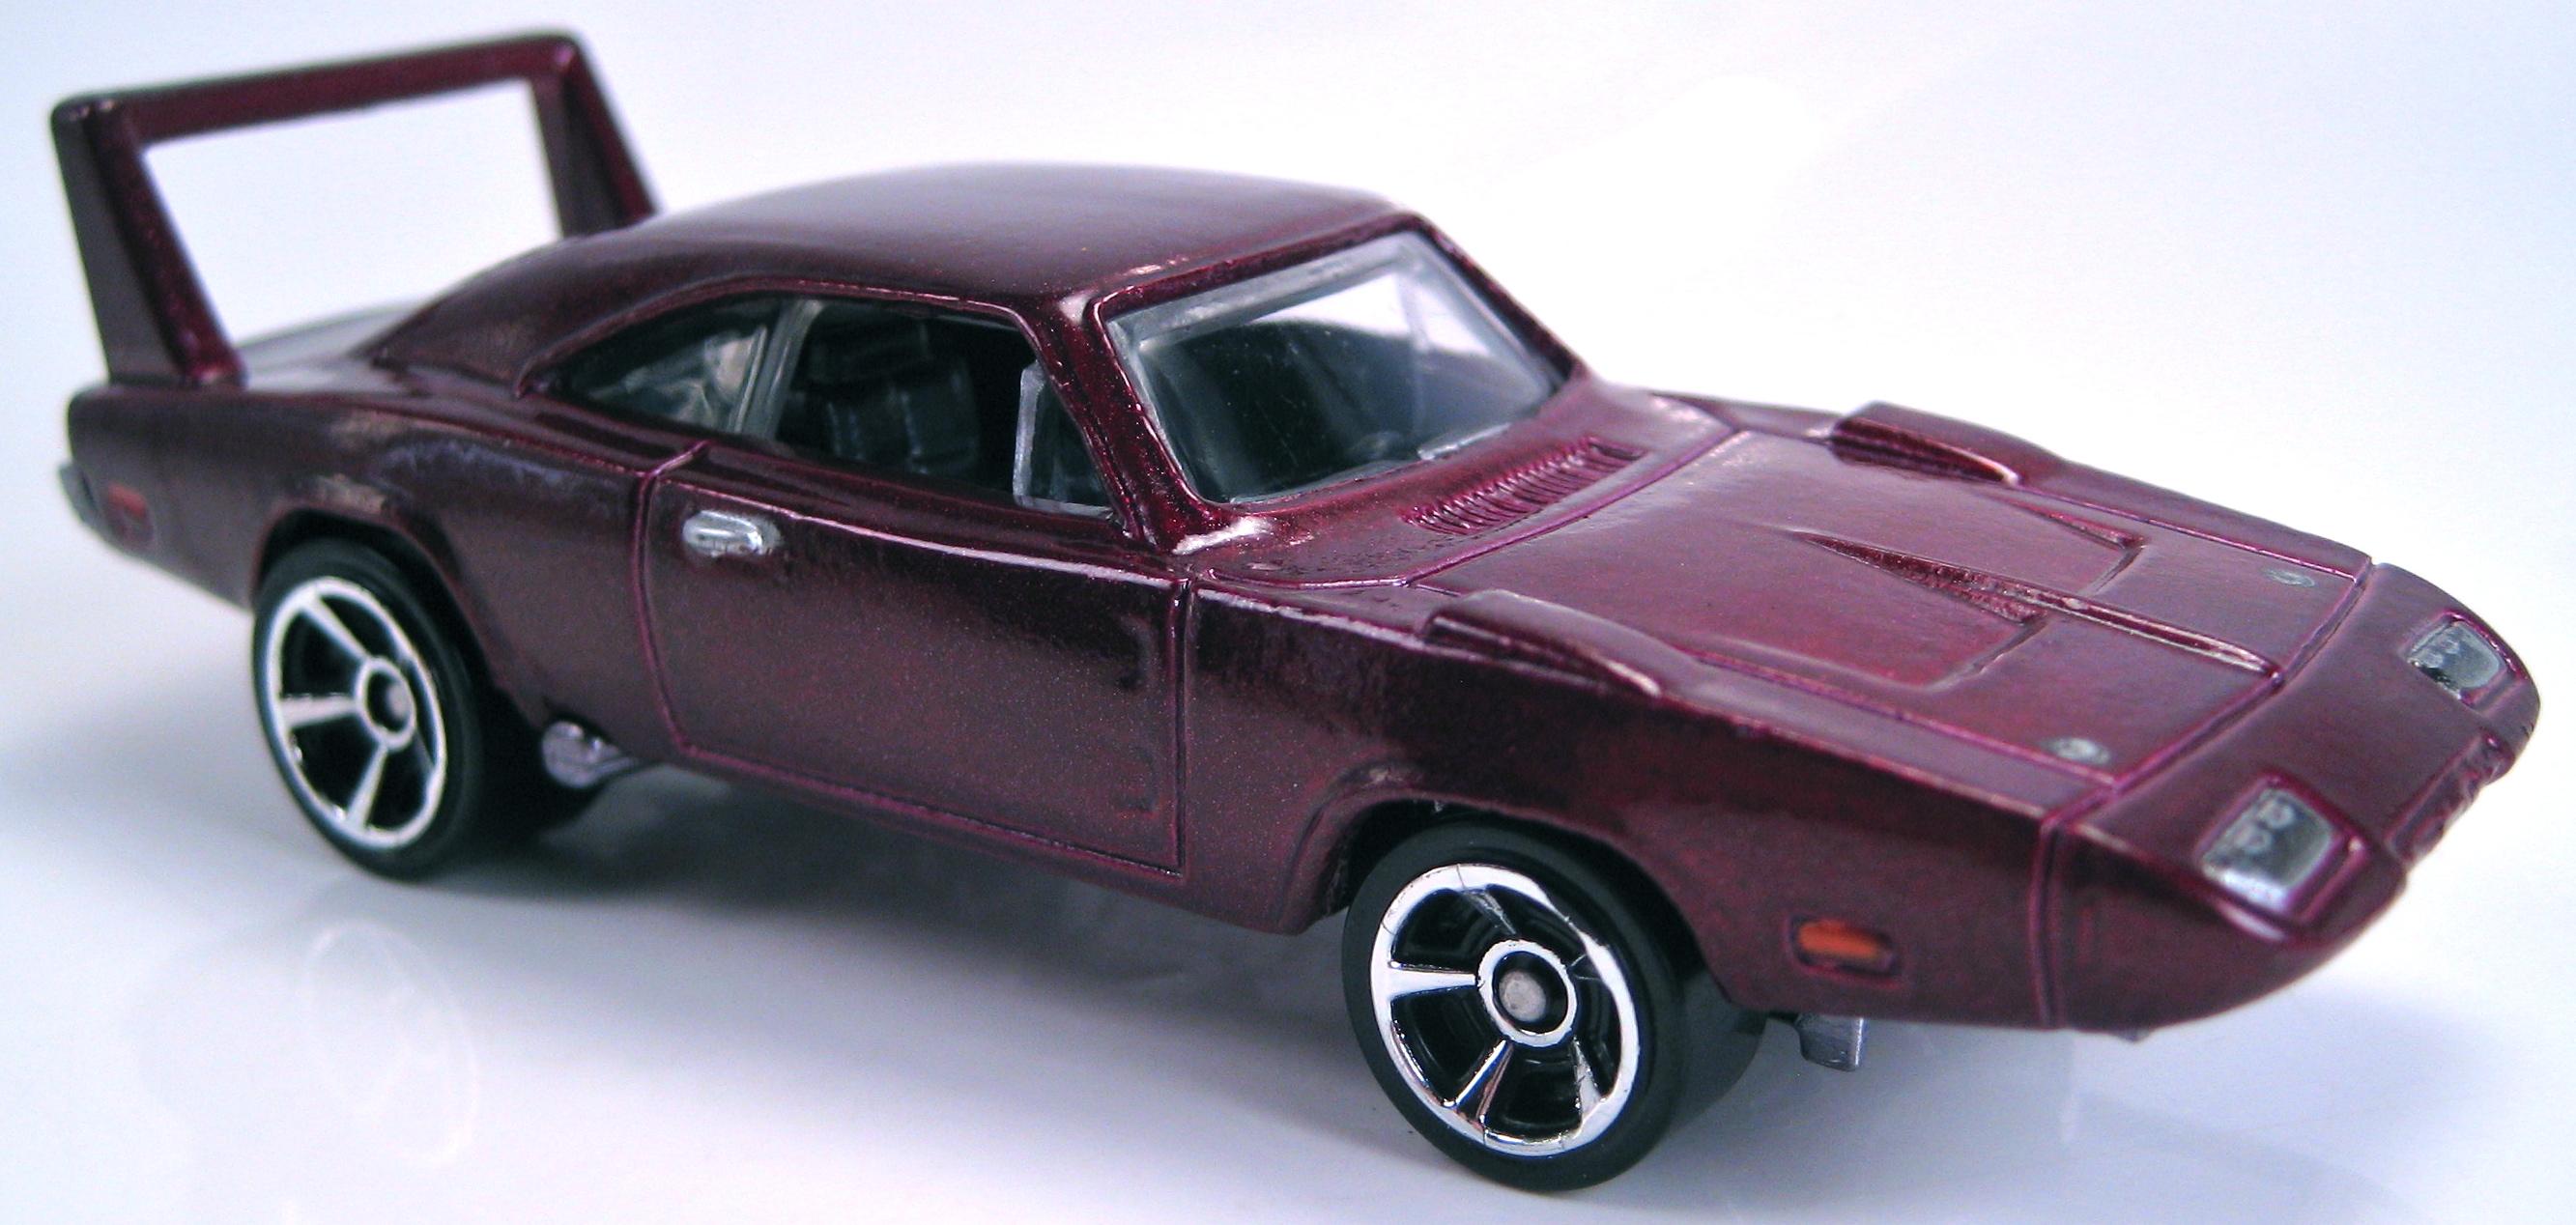 69 Dodge Charger Daytona Hot Wheels Wiki Fandom